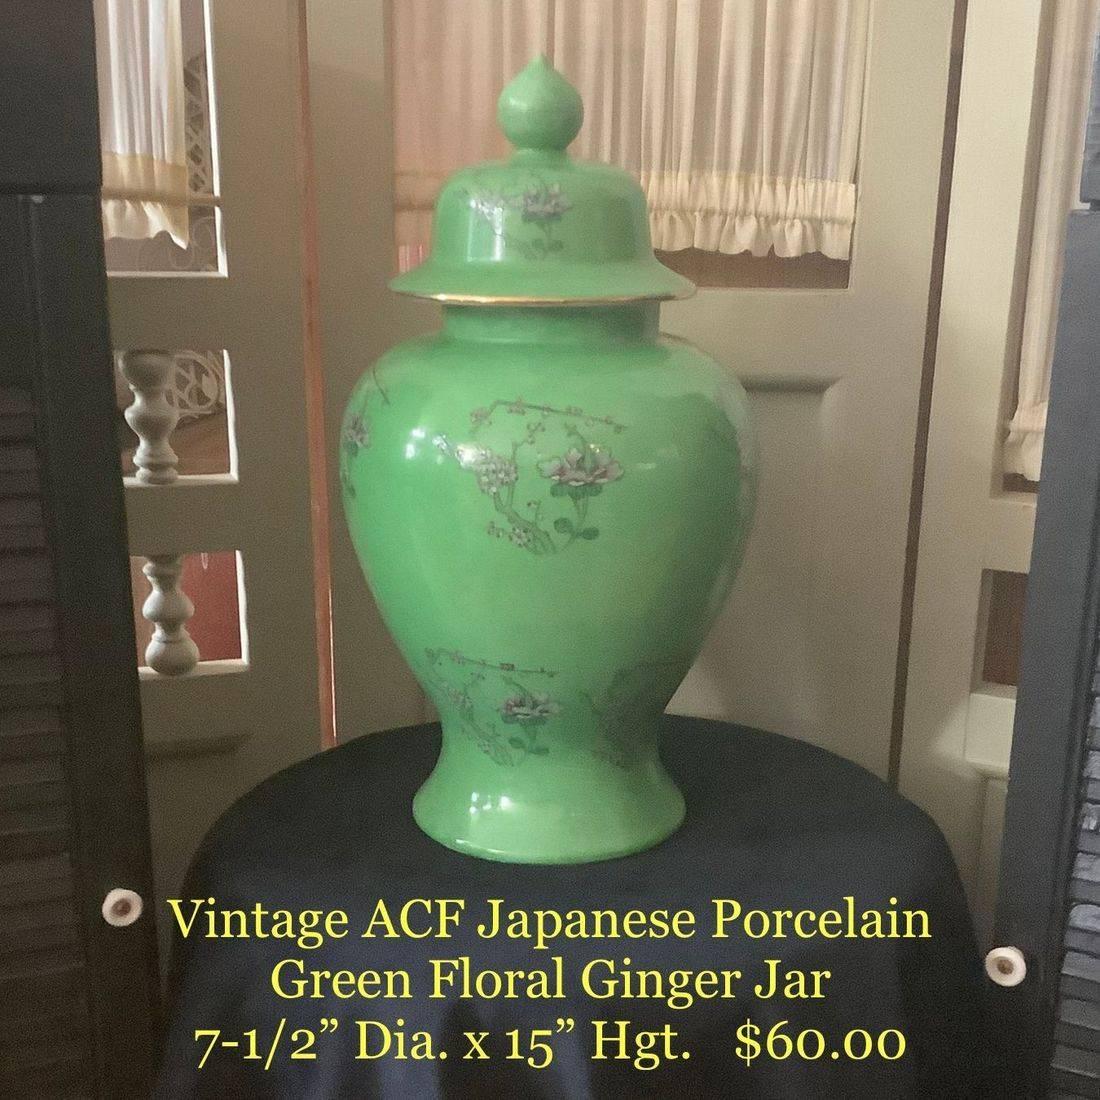 Vintage ACF Japanese Porcelain Green Floral Ginger Jar   $60.00